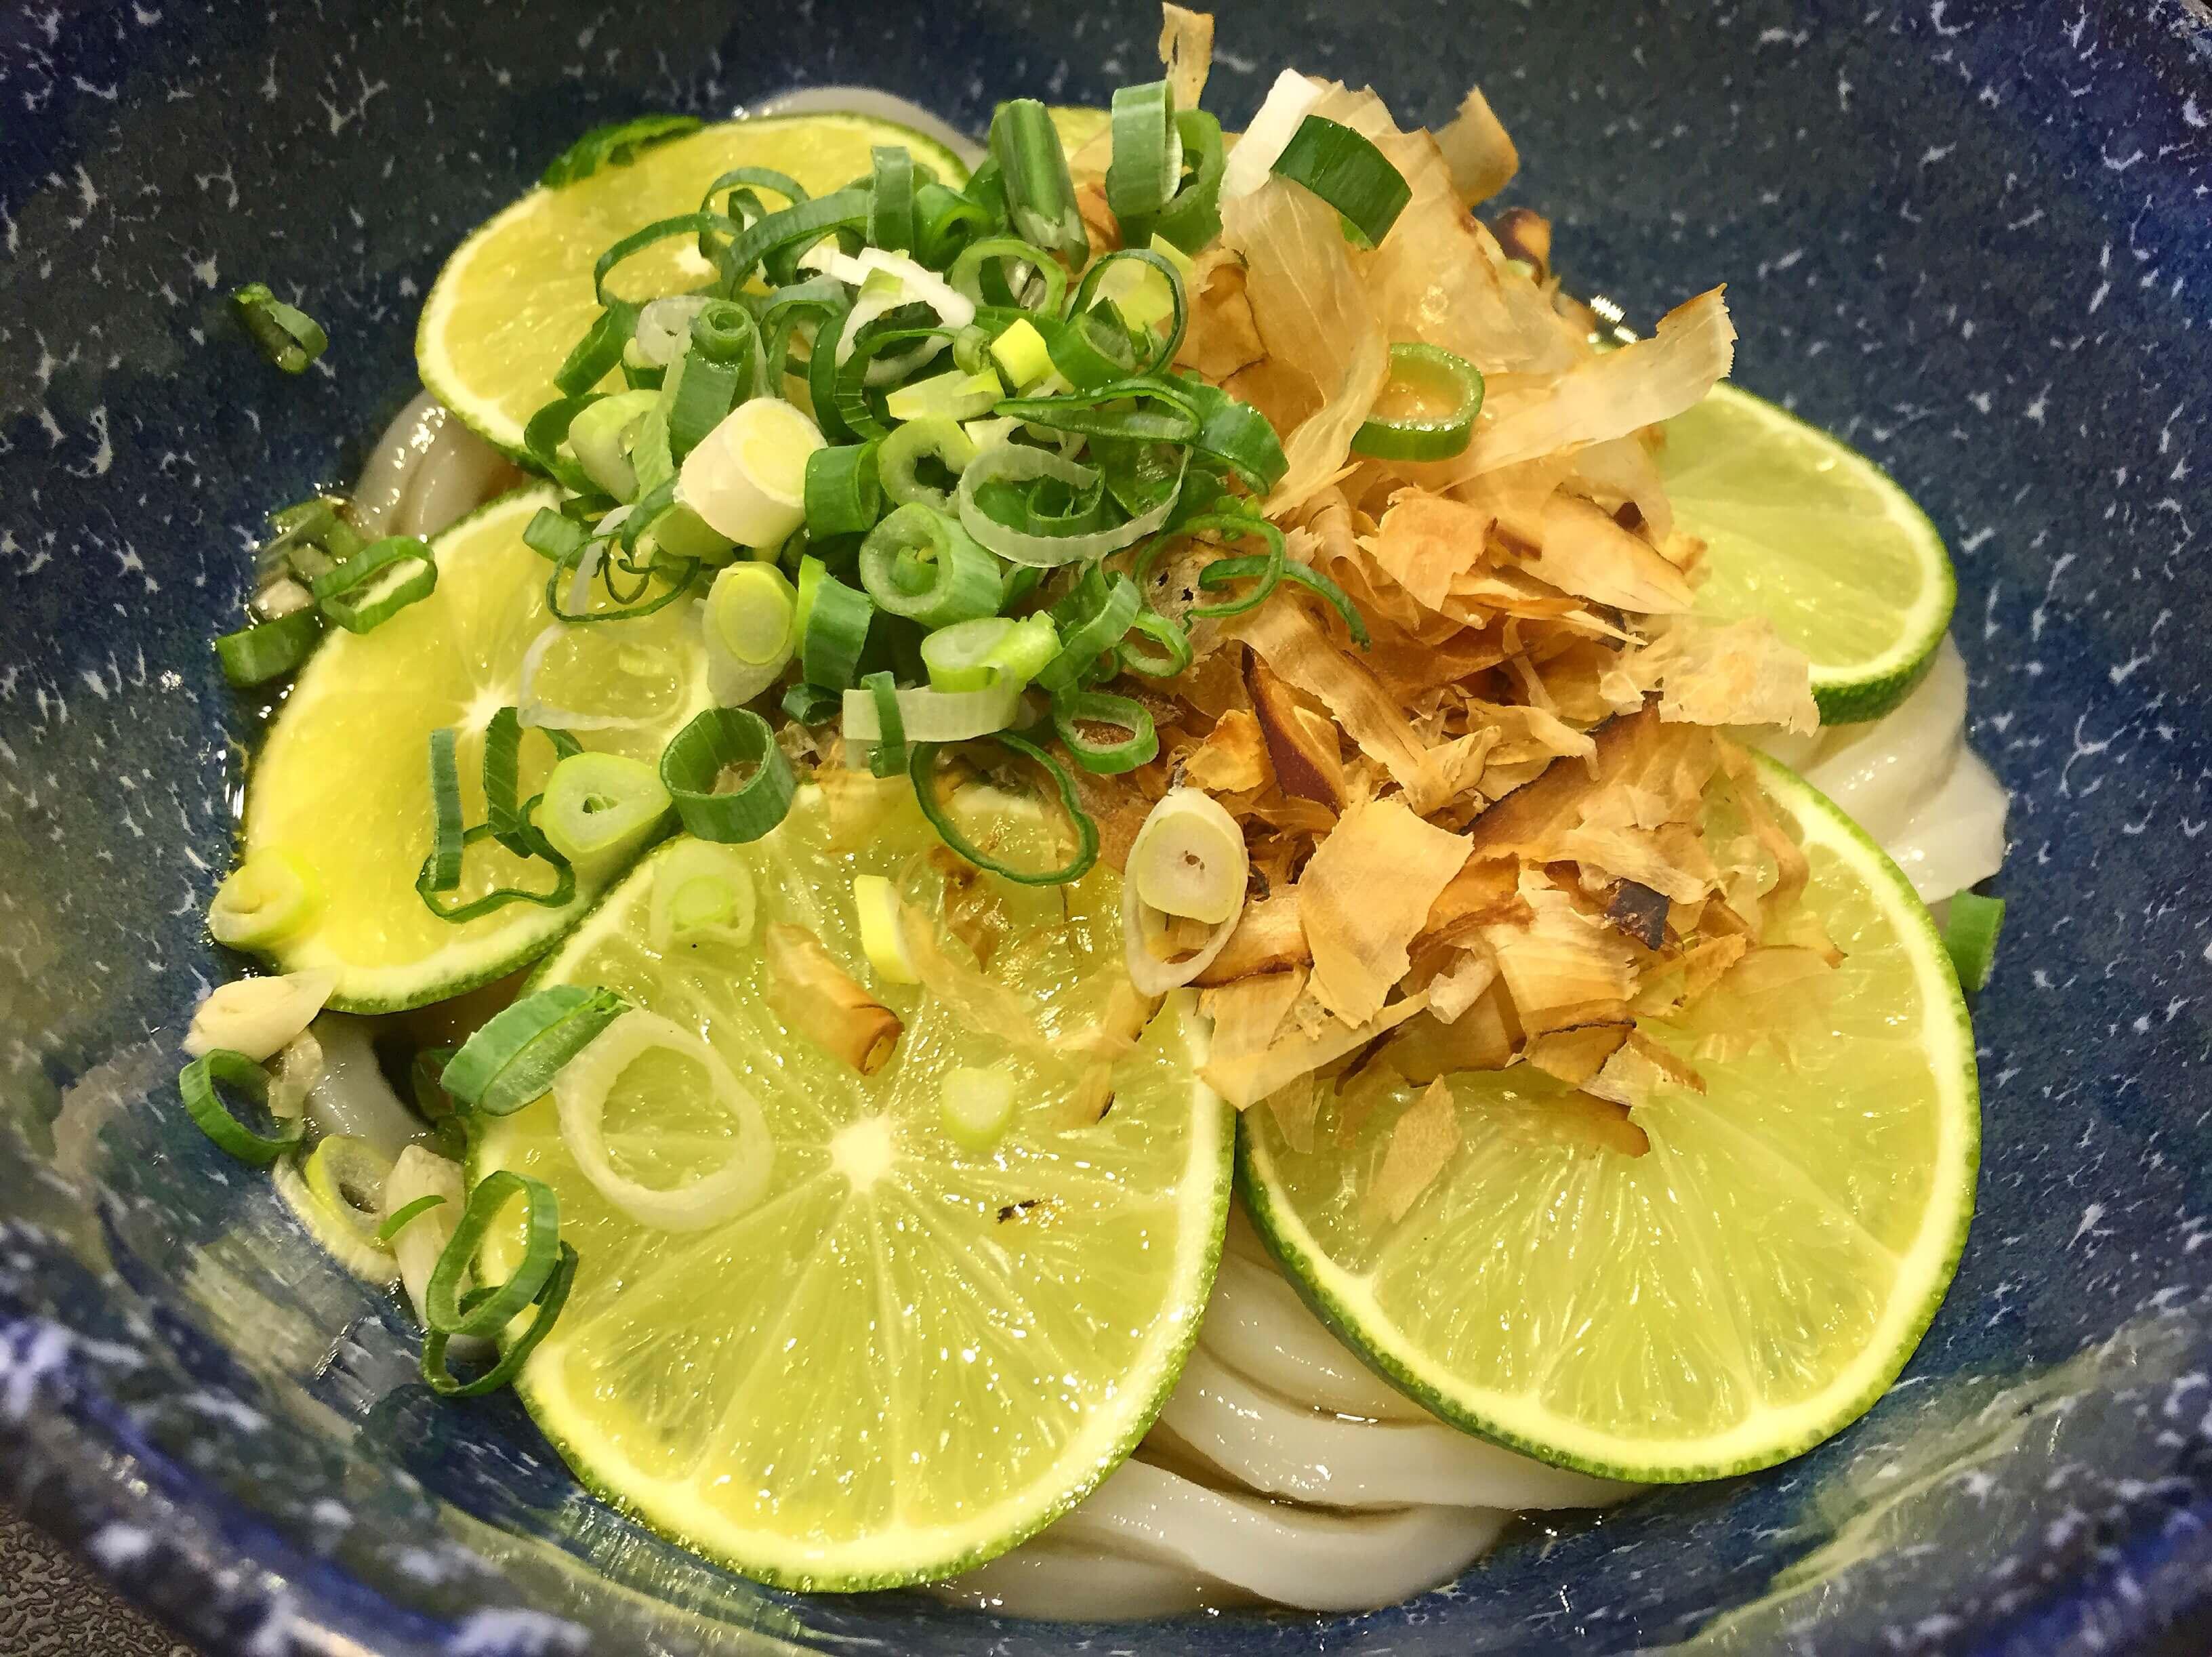 米澤製麵古亭店的檸檬翡翠冷麵。(圖/吐司客拍攝)